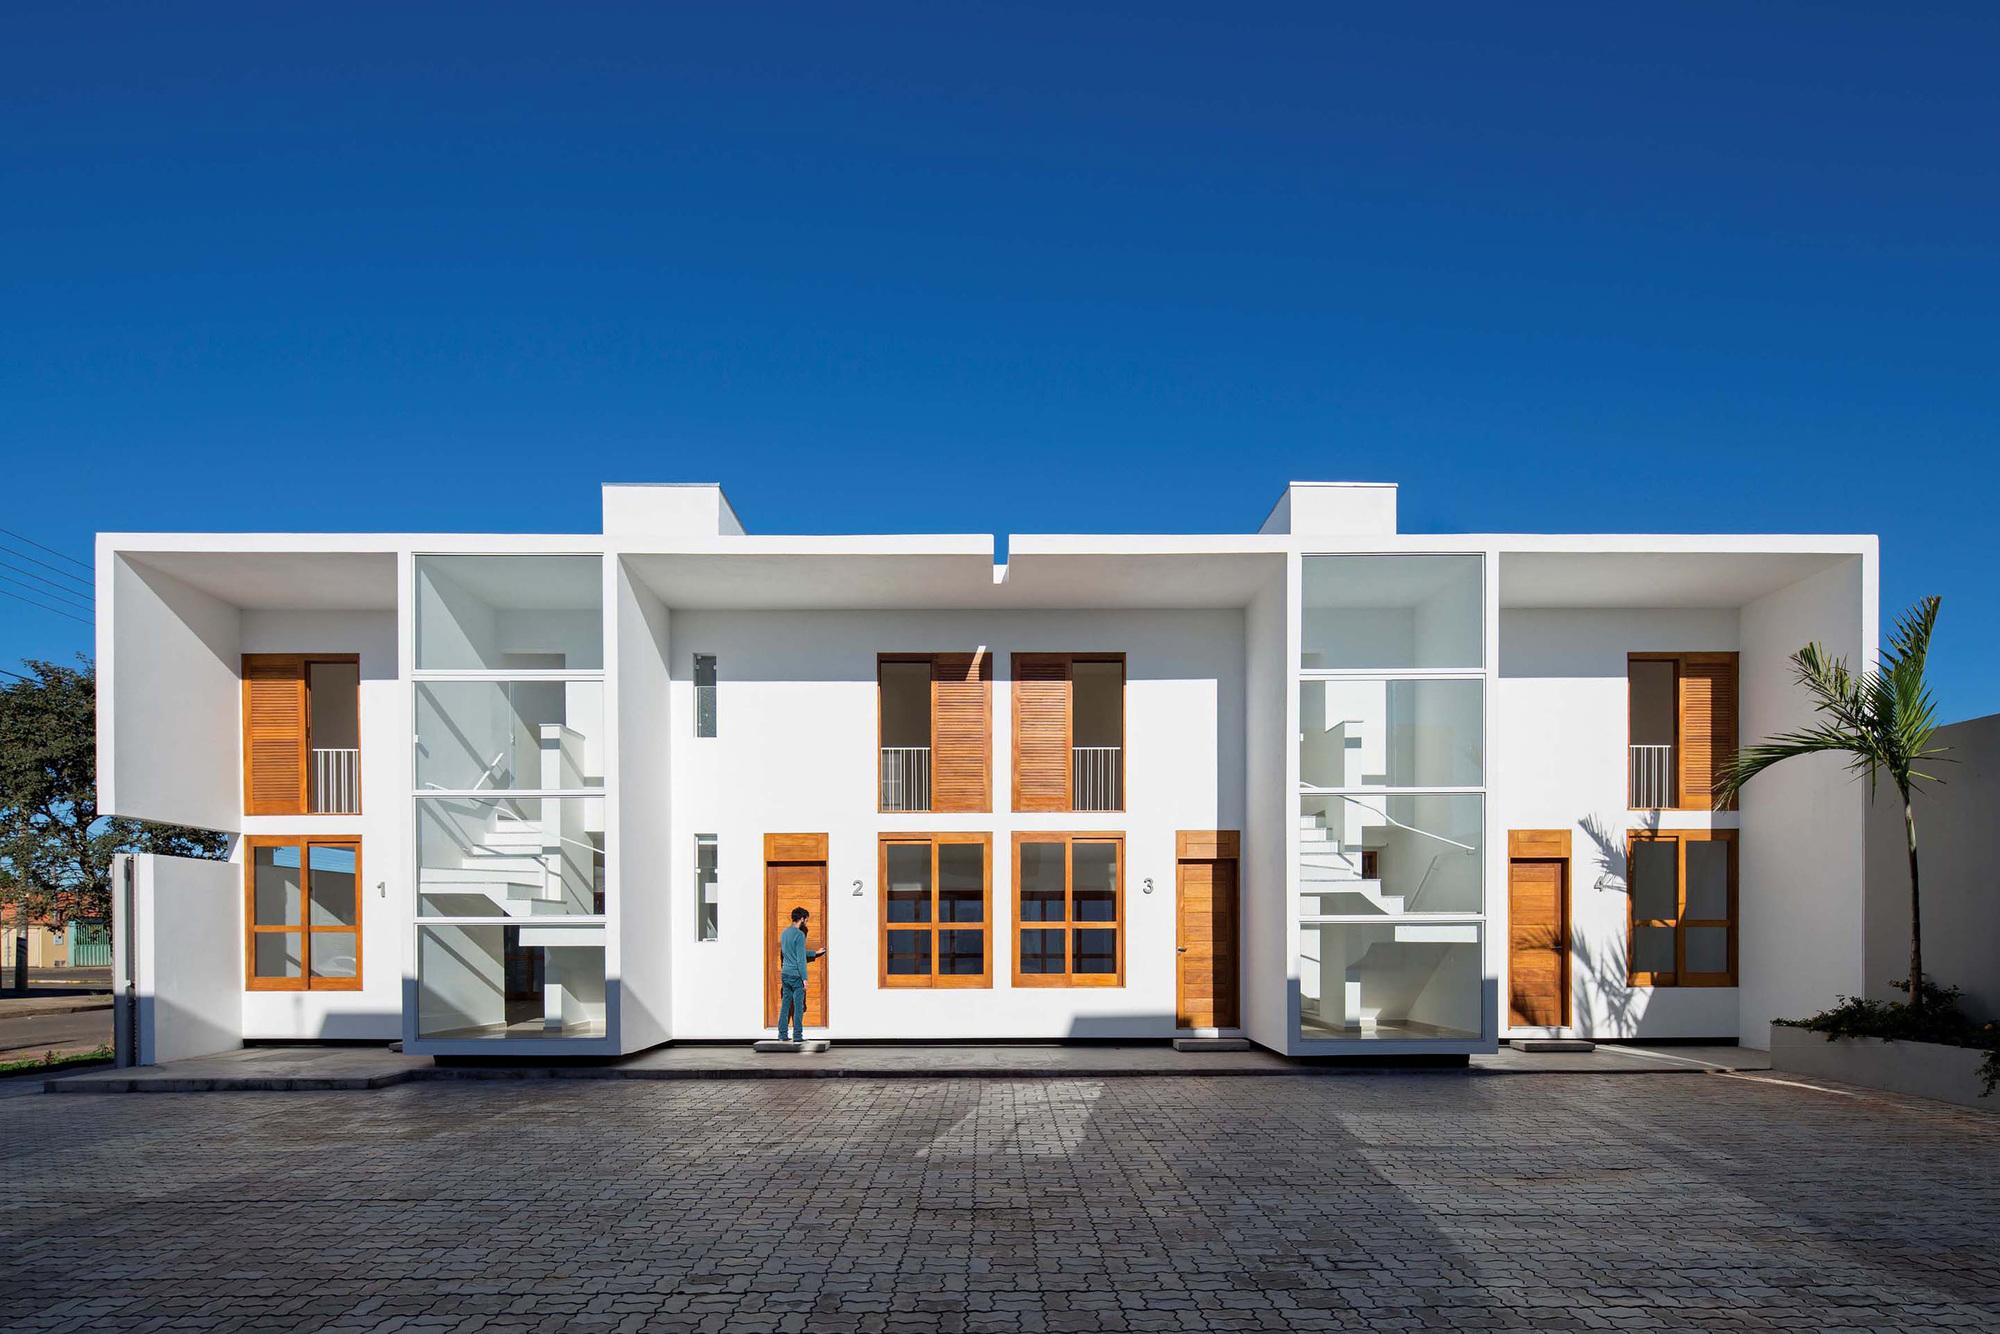 Casas av corsi hirano arquitetos archdaily brasil for Viviendas pequenas